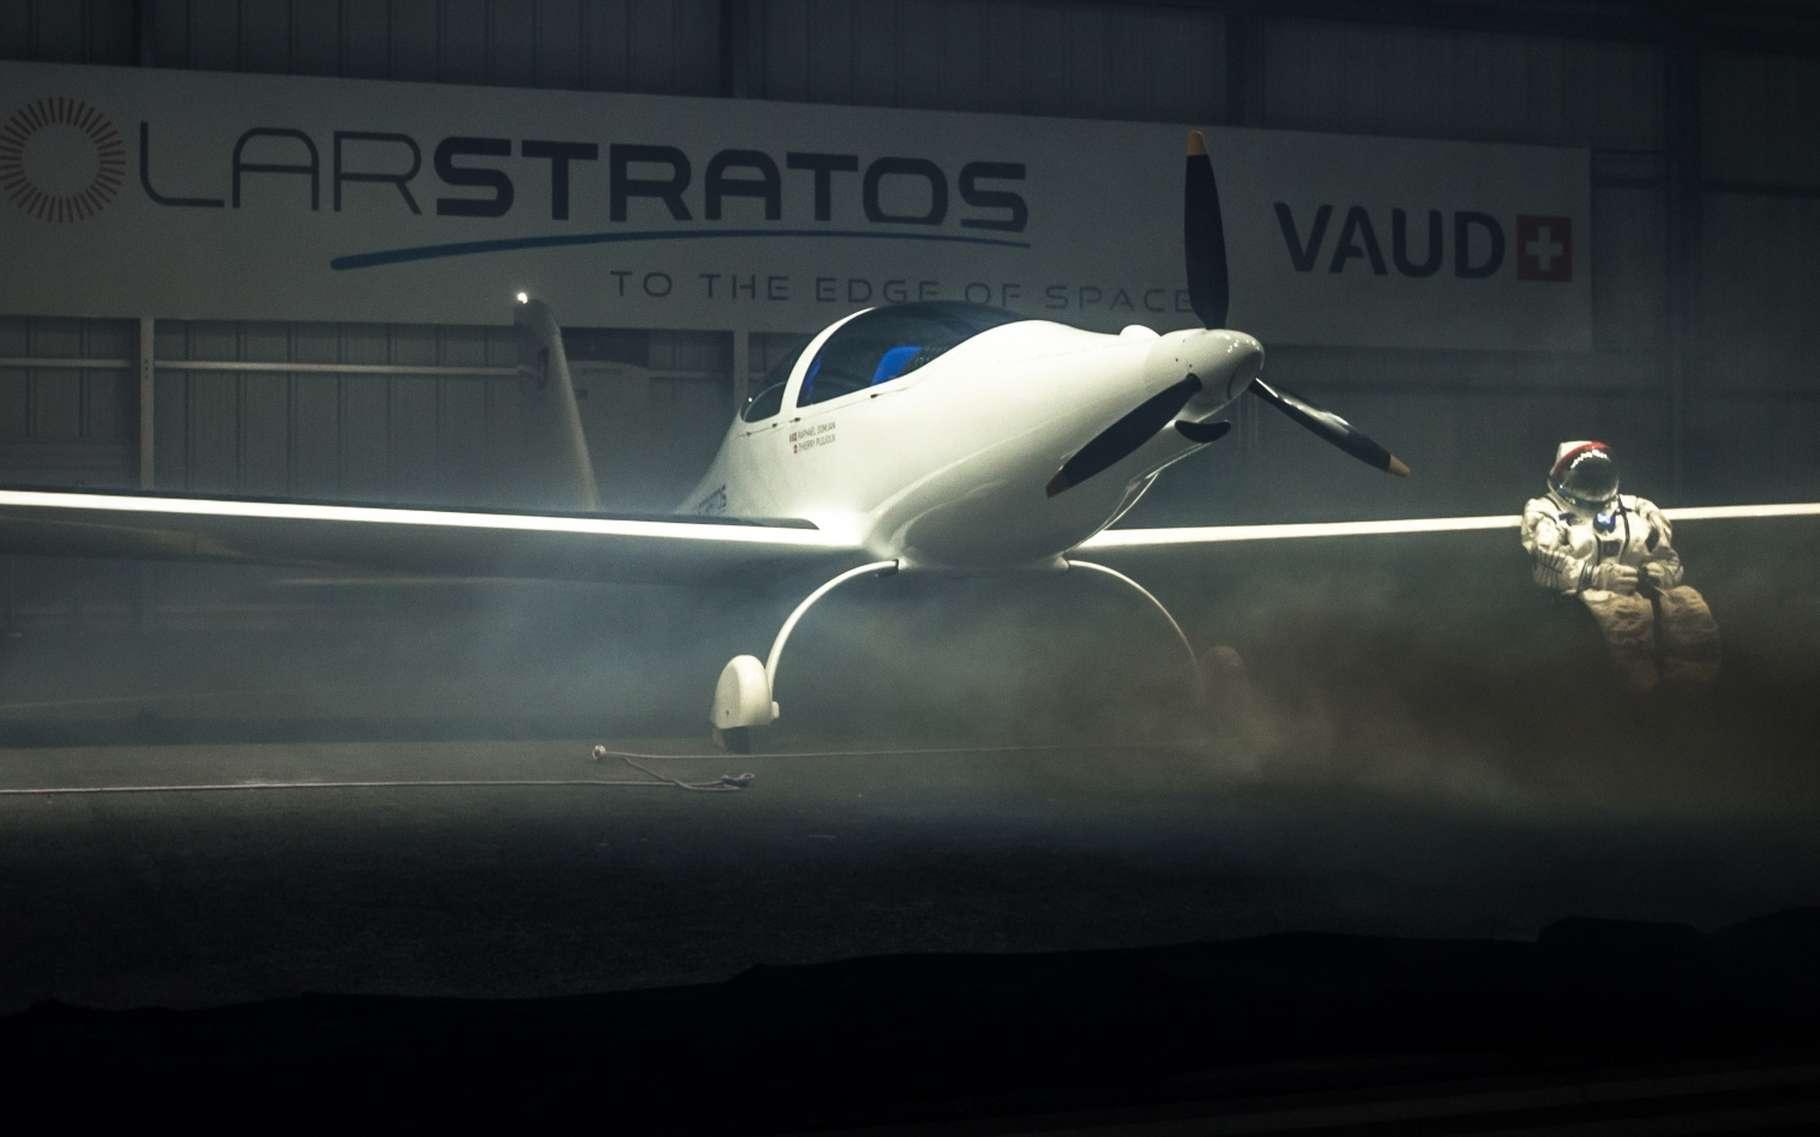 Le Solar Stratos est un avion à propulsion électrique, alimenté par des batteries et des cellules photovoltaïques. Il est conçu pour atteindre la stratosphère, vers 25.000 m d'altitude. © Zeppelin, Solar Stratos